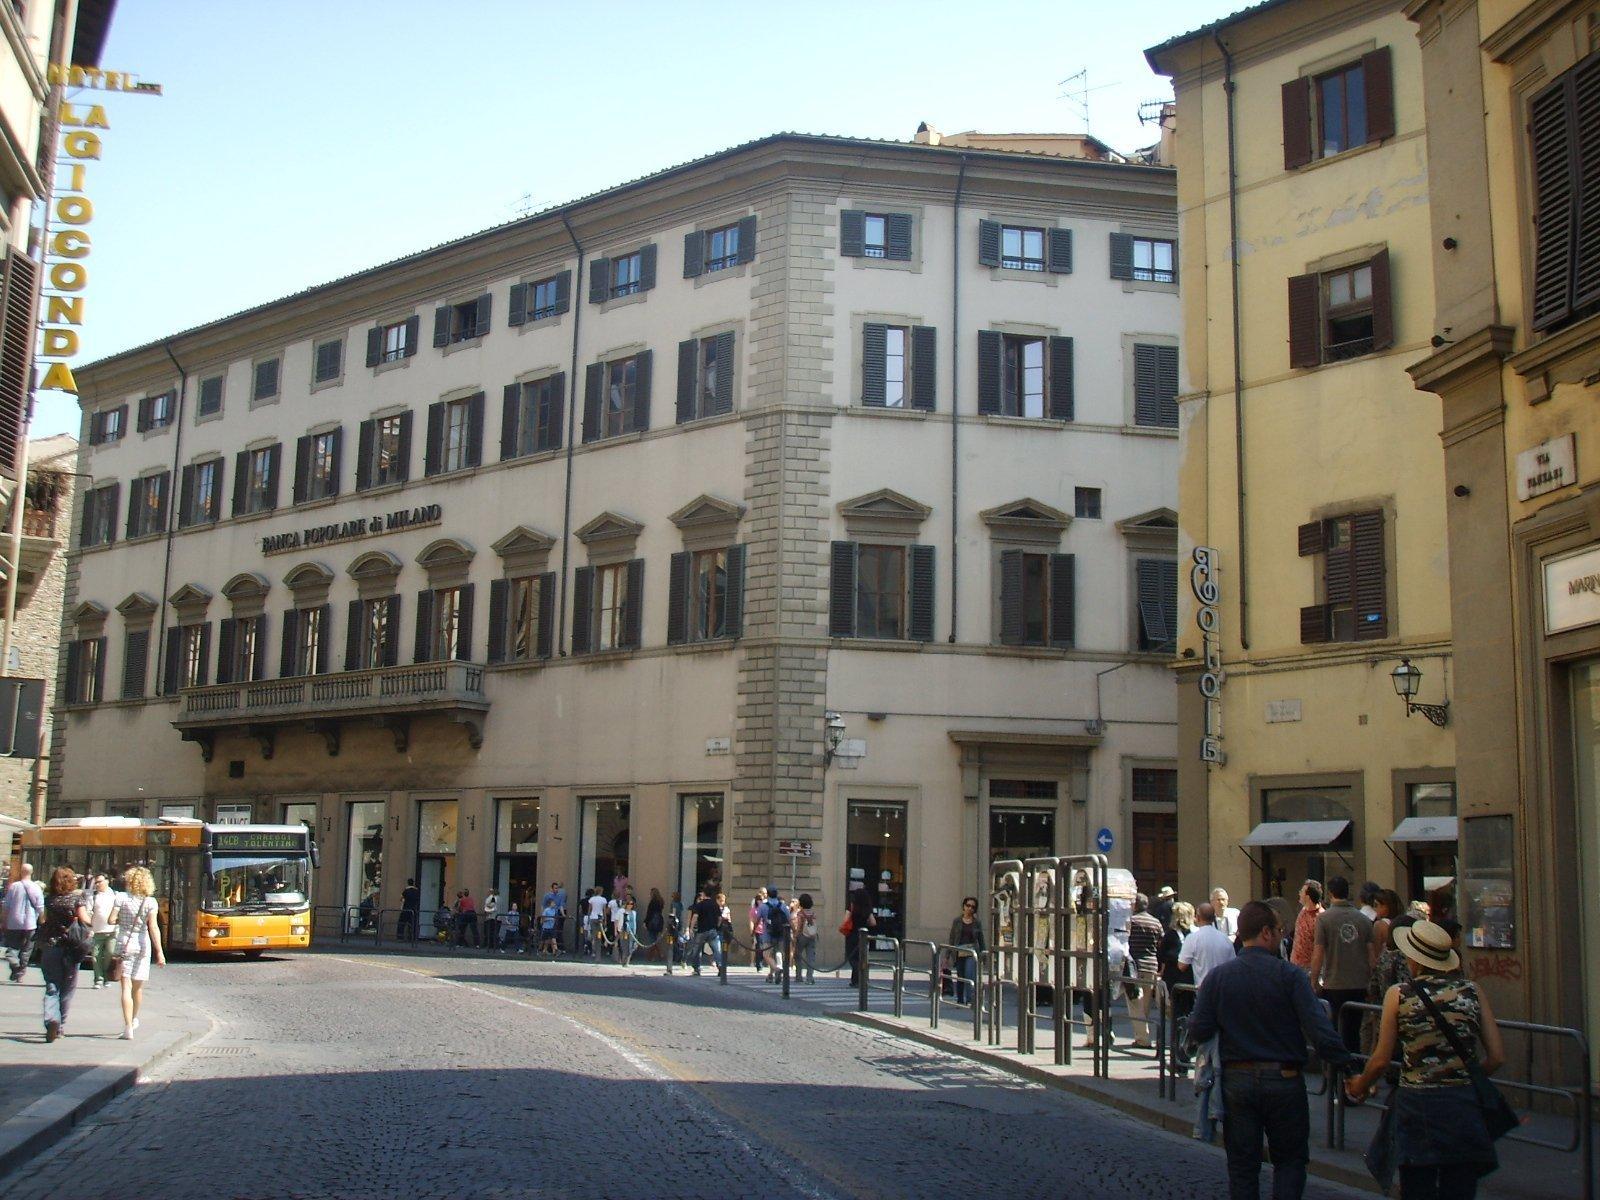 Banco Popolare e Bpm: prossima la fusione